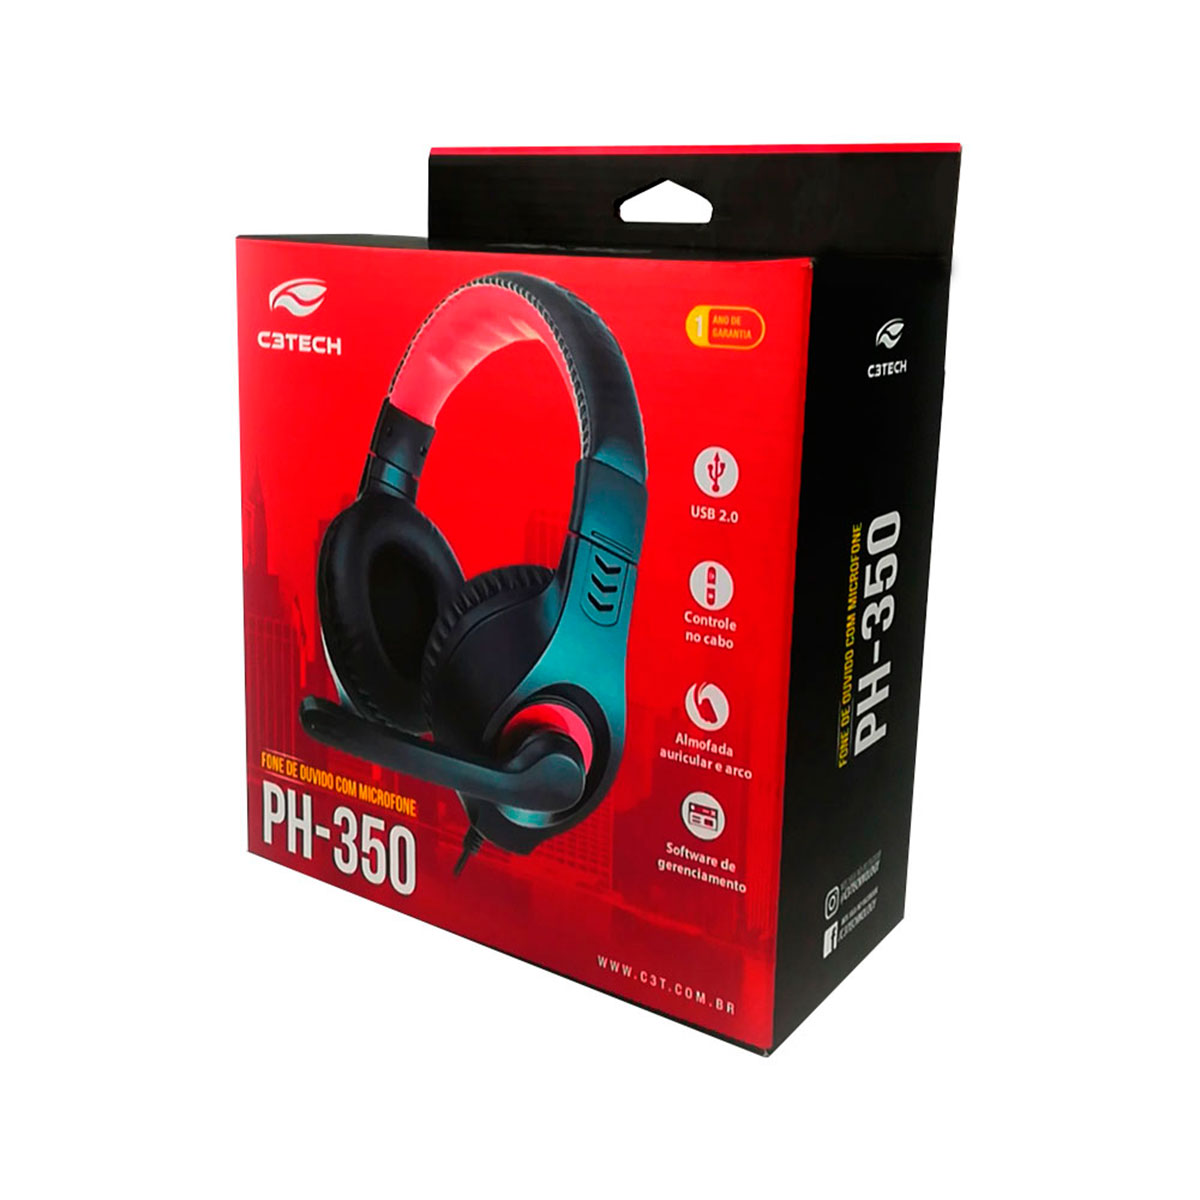 Headset C3Tech PH350BK, USB 2.0, Preto